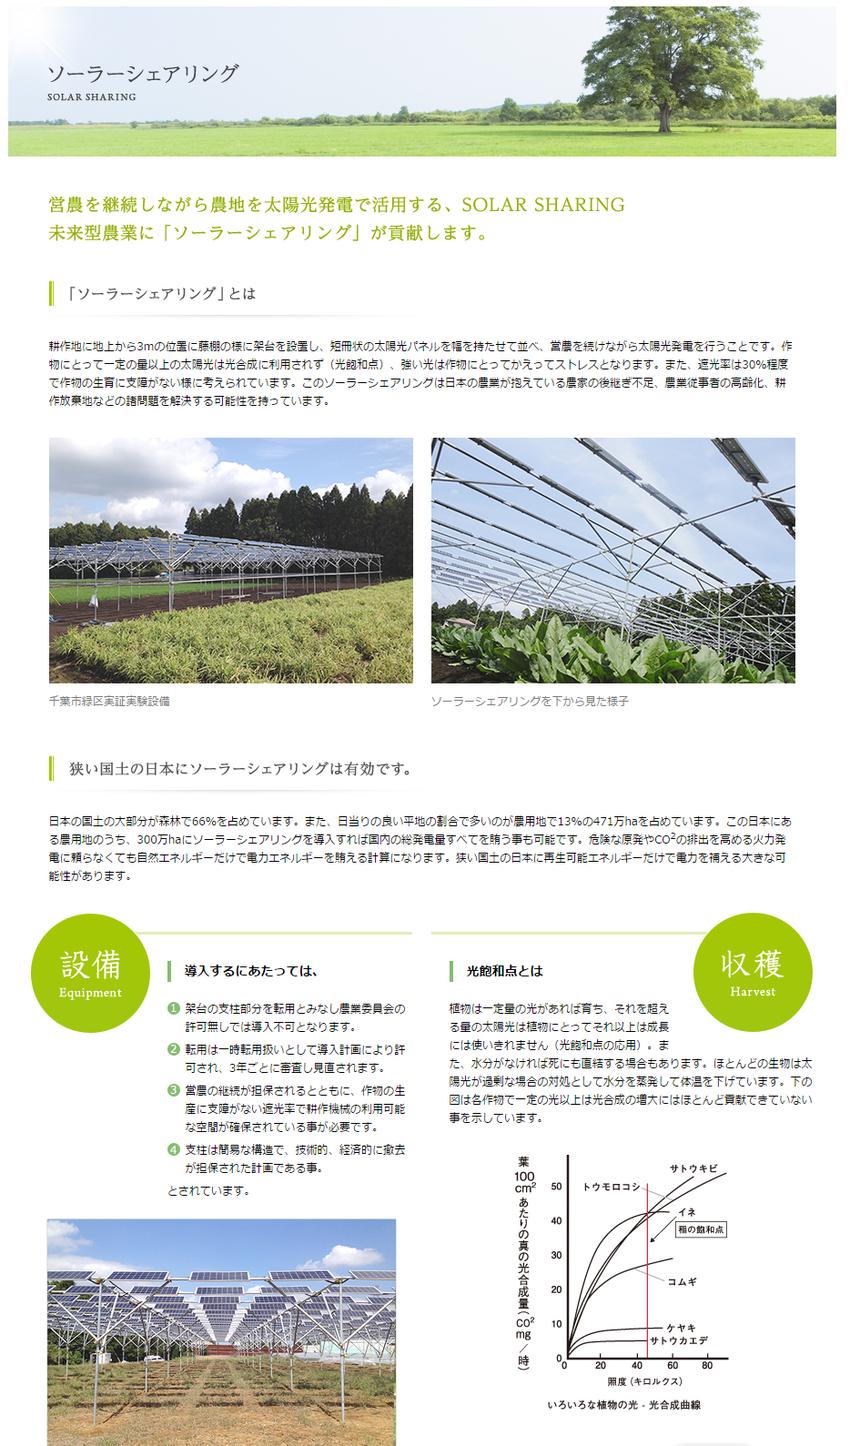 ソーラーシェアリング|一般社団法人 ソーラーシェアリング協会